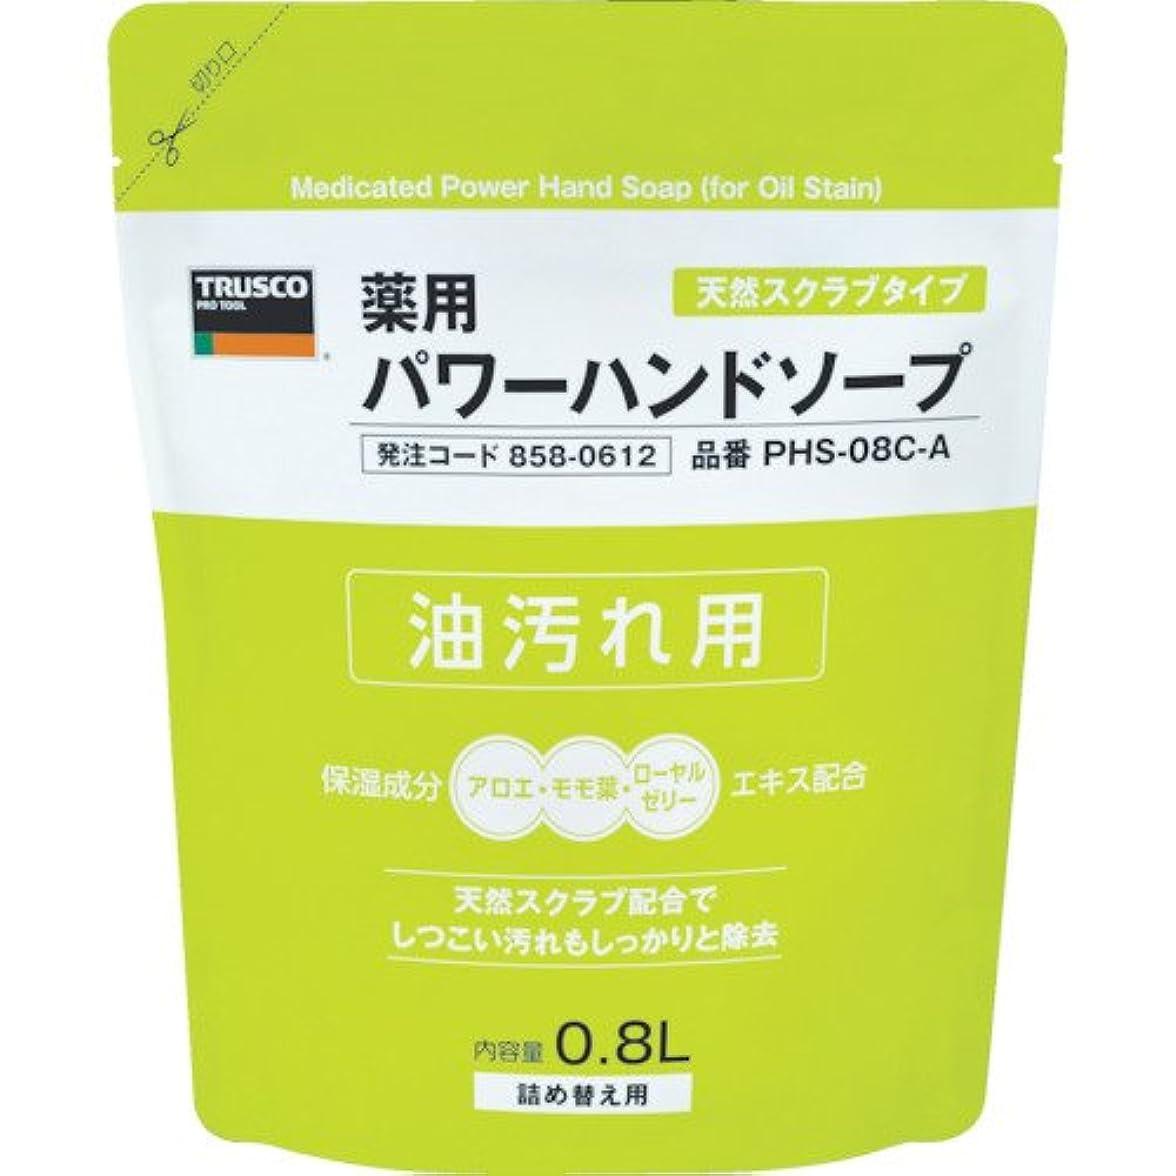 トラスコ中山 株 TRUSCO 薬用パワーハンドソープ 袋入詰替 0.8L PHS-08C-A